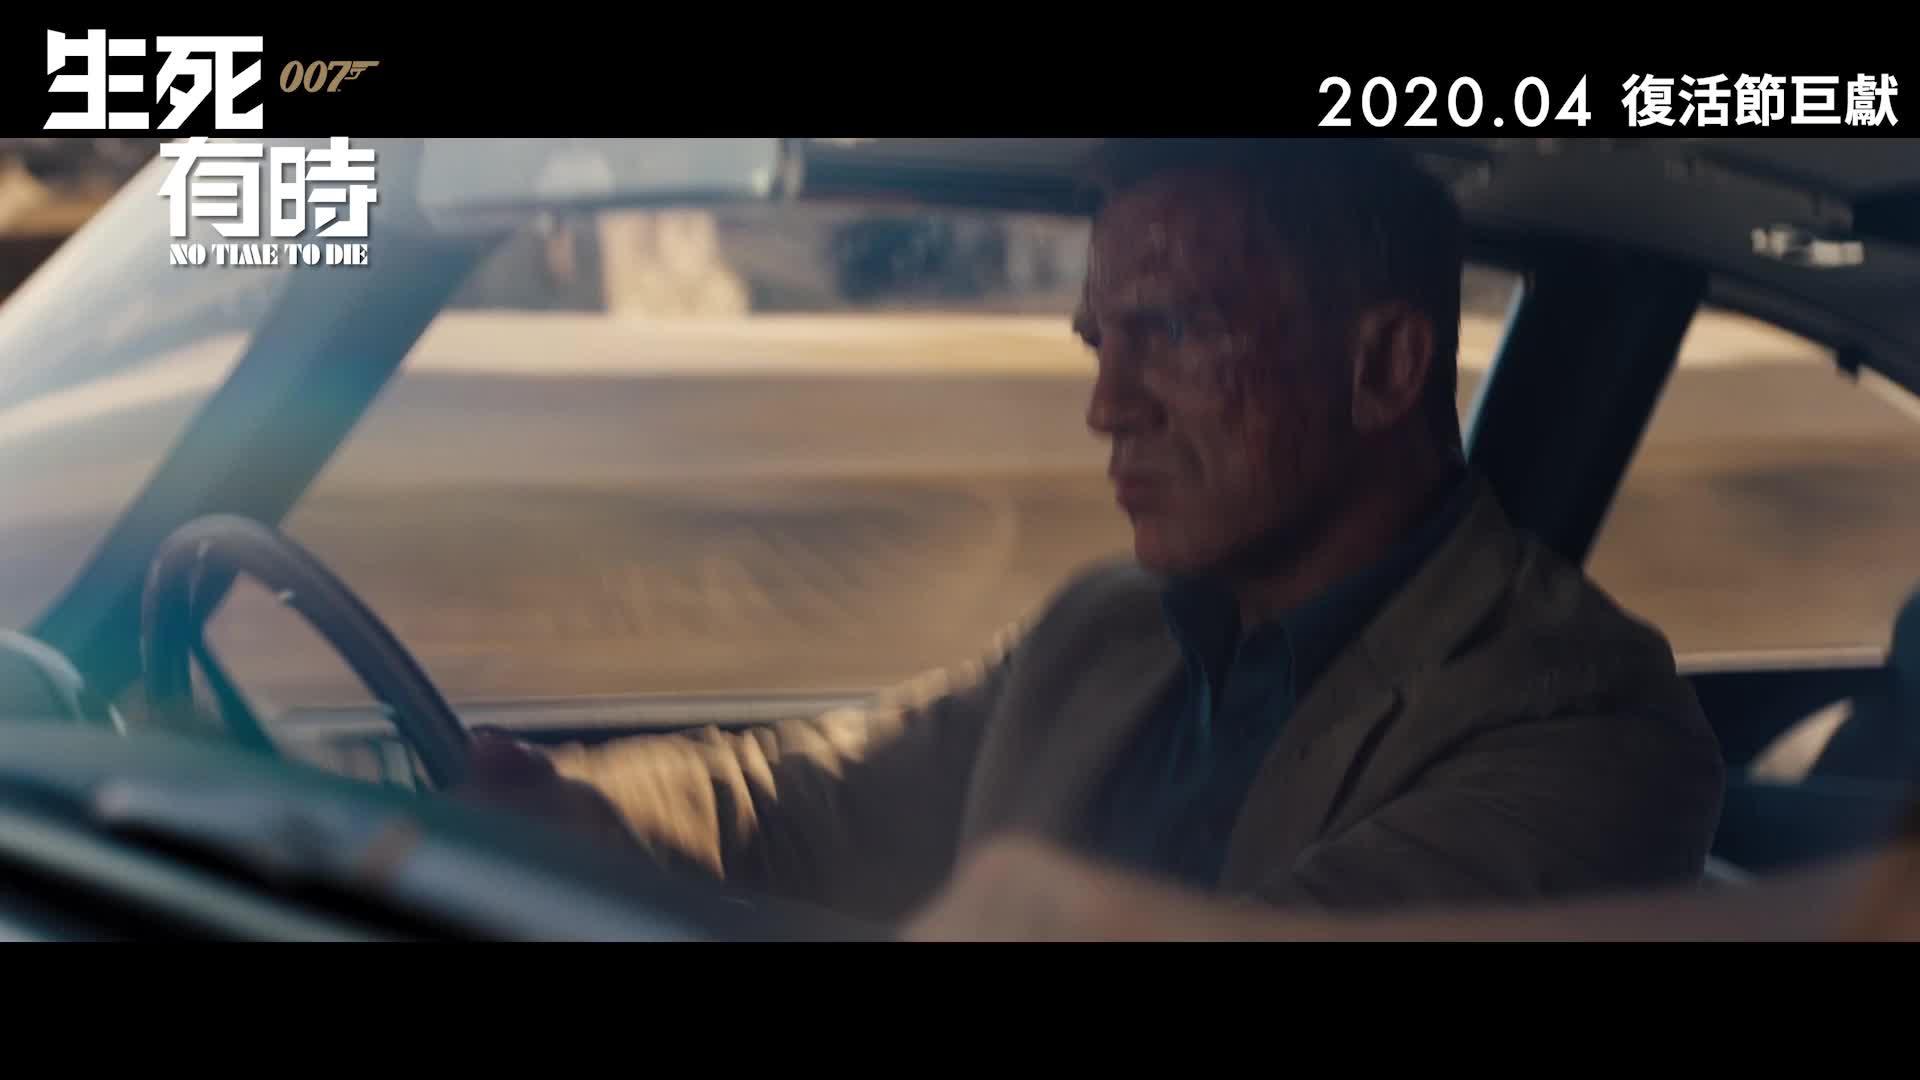 《007:生死有時》電影預告